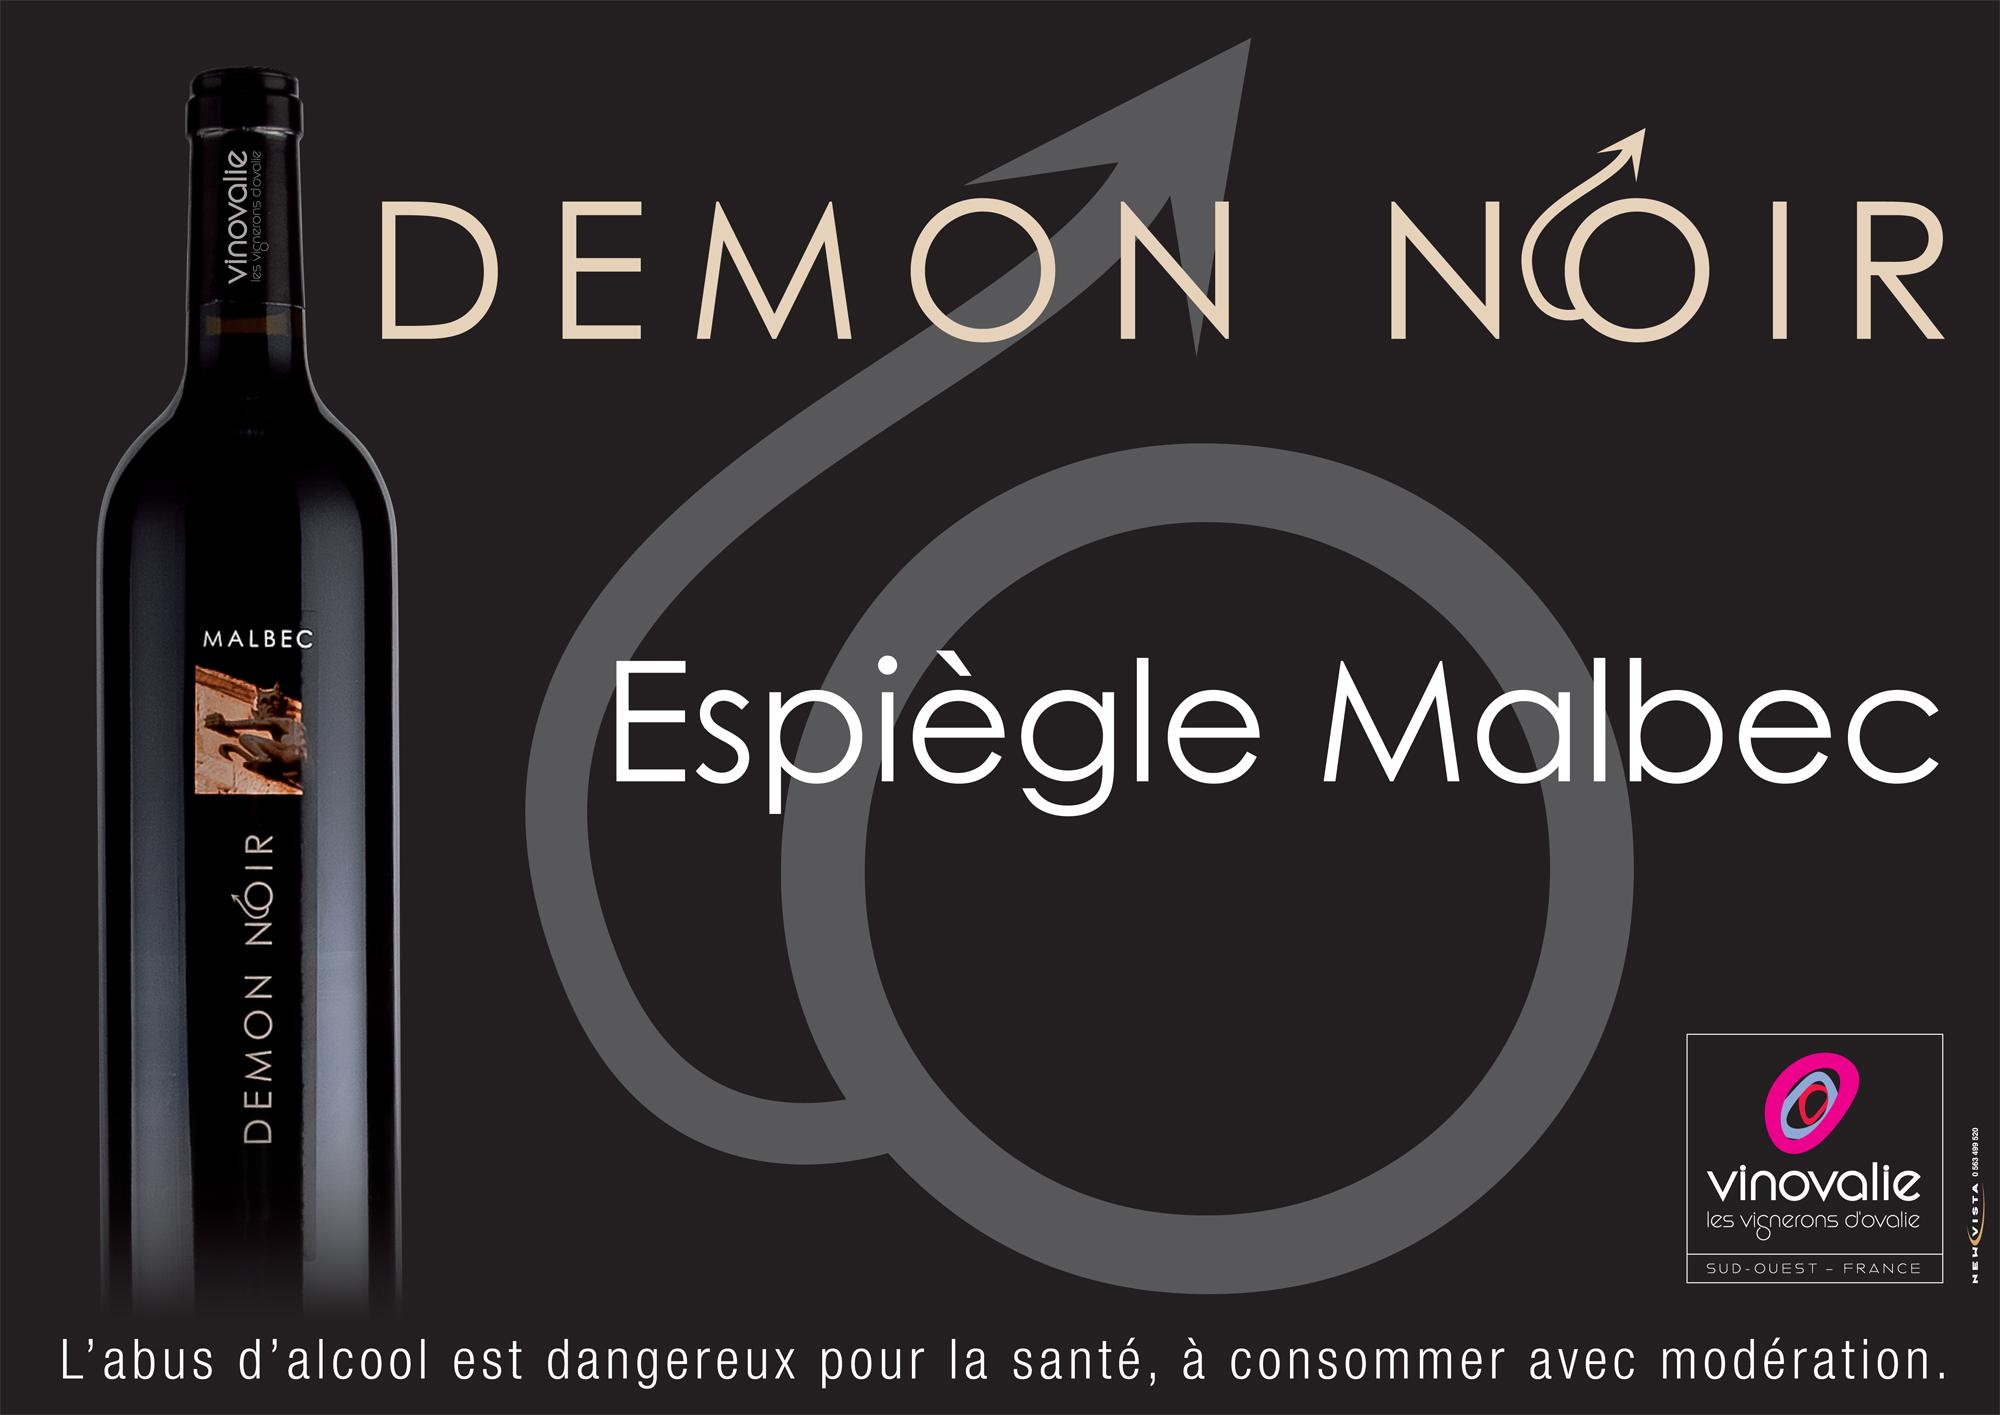 demon-noir-espiegle-malbec